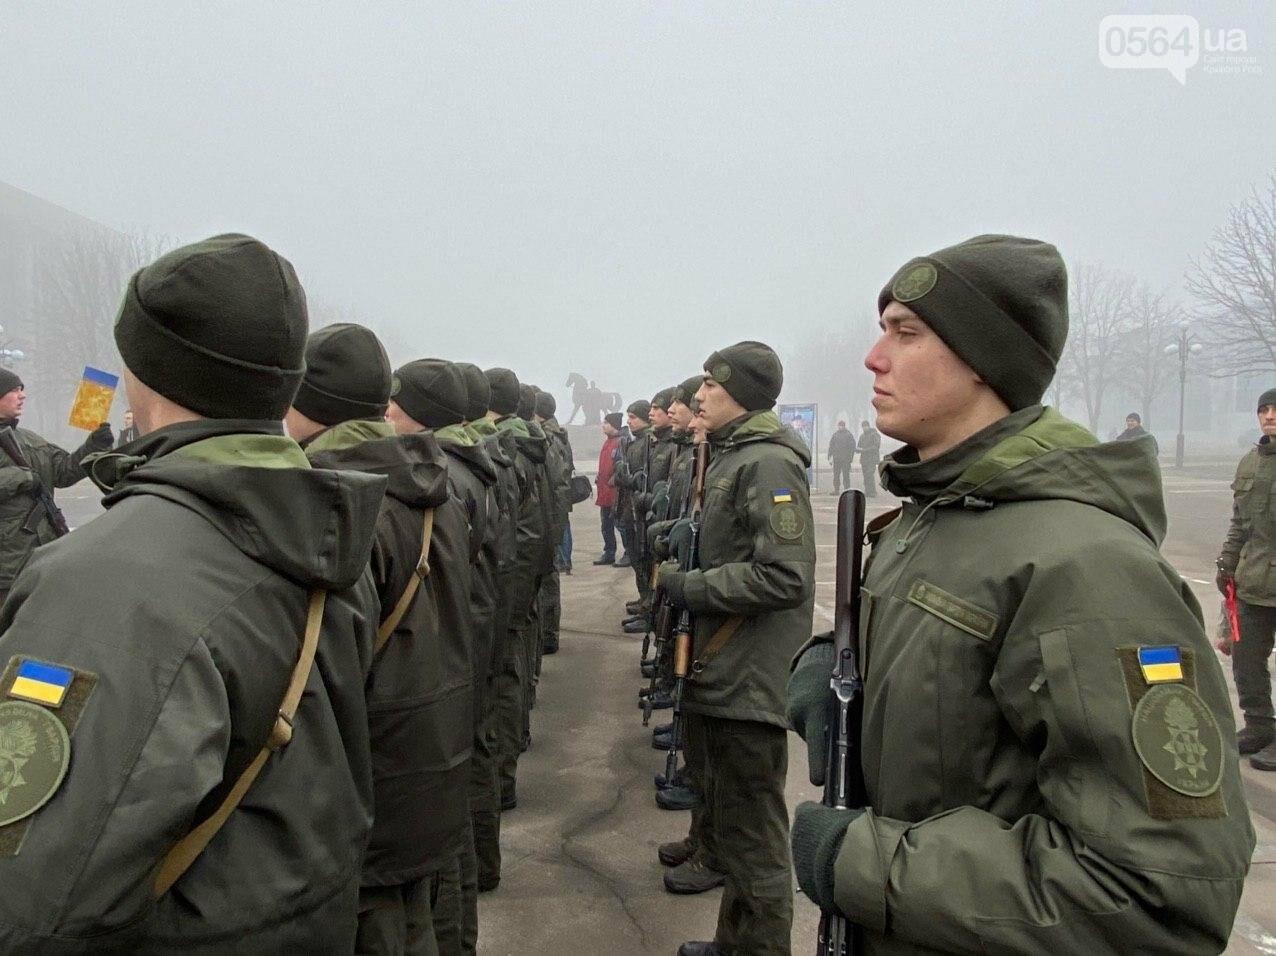 В Кривом Роге на верность украинскому народу присягнули 43 нацгвардейца, - ФОТО, ВИДЕО , фото-23